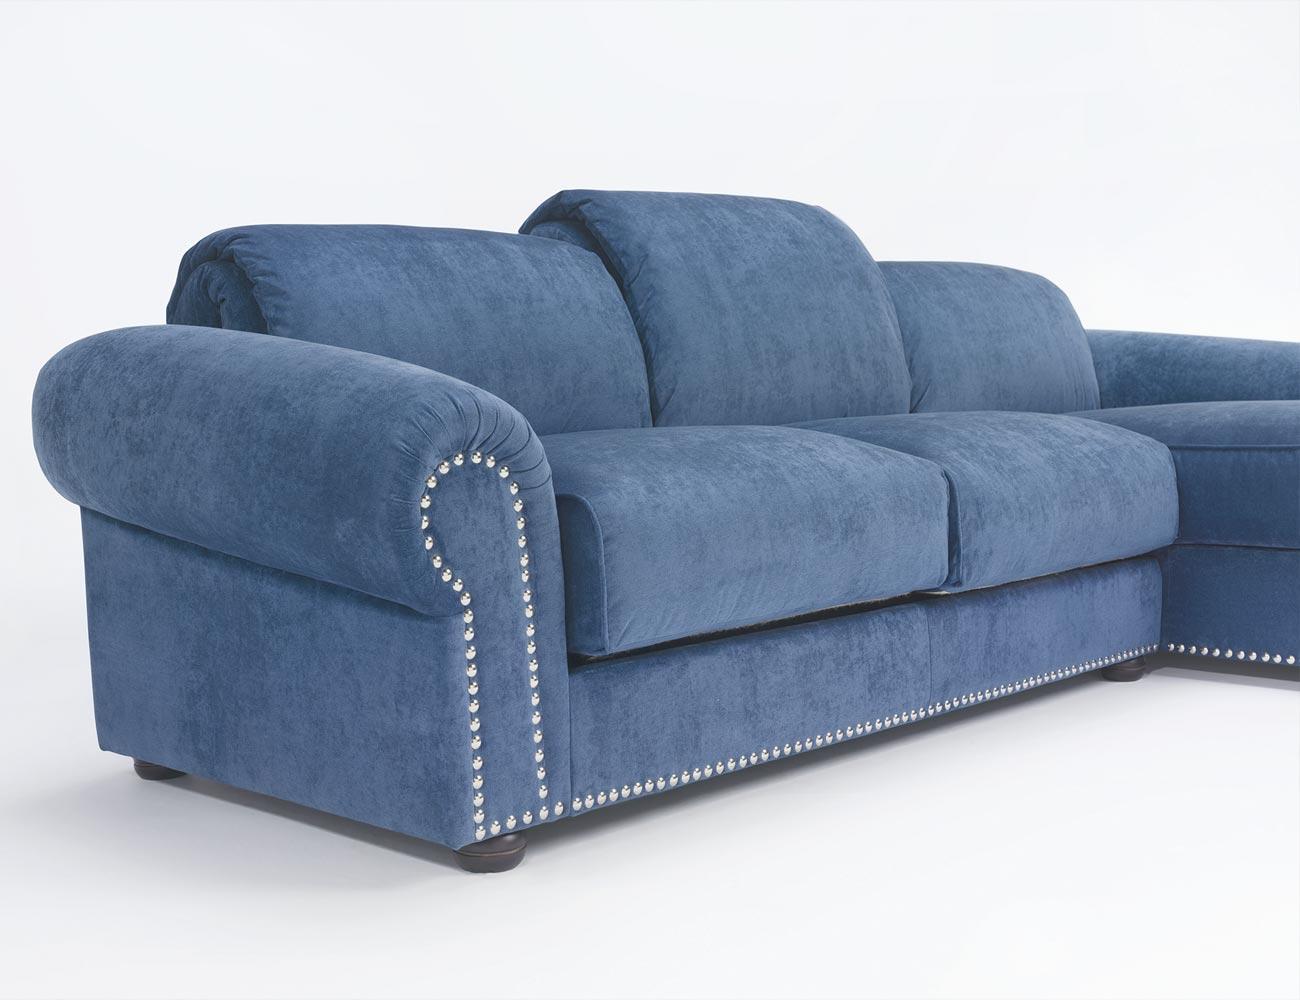 Sofa chaiselongue gran lujo decorativo azul 147